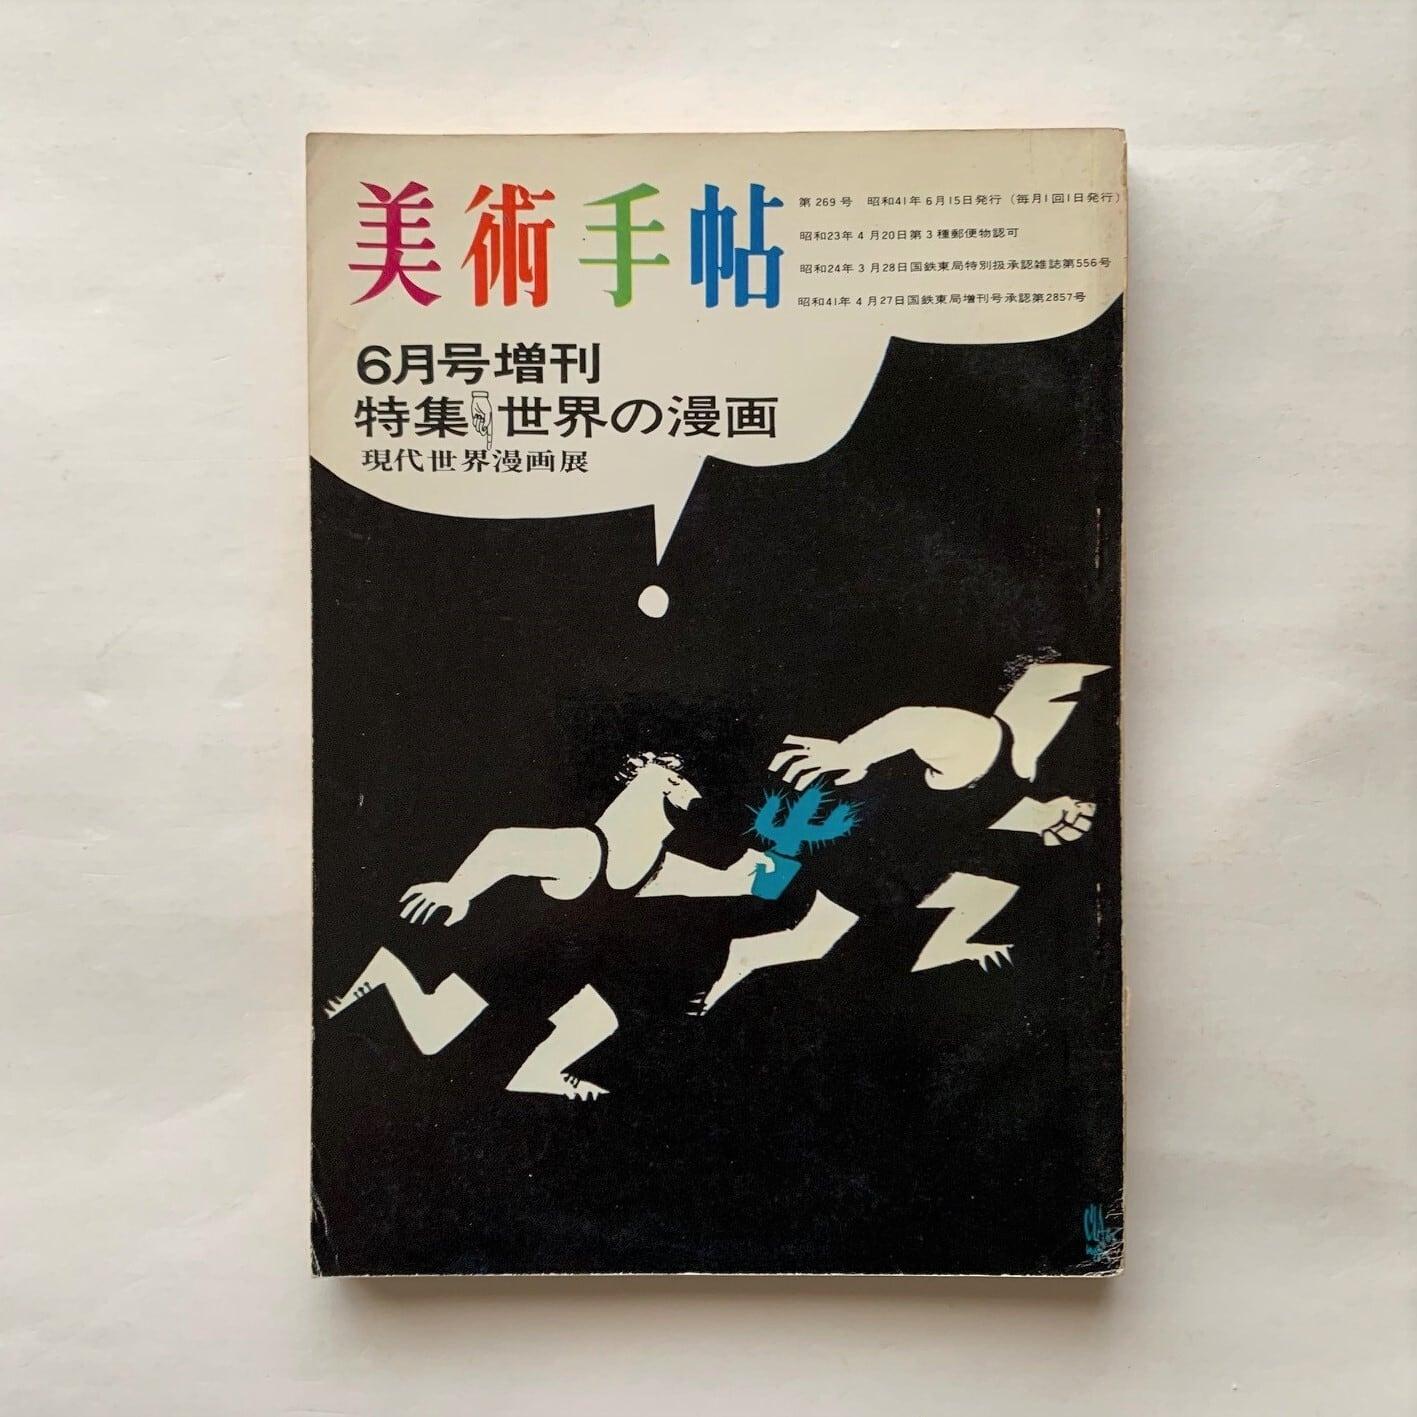 世界の漫画 現代世界漫画展 / 美術手帖 No.269